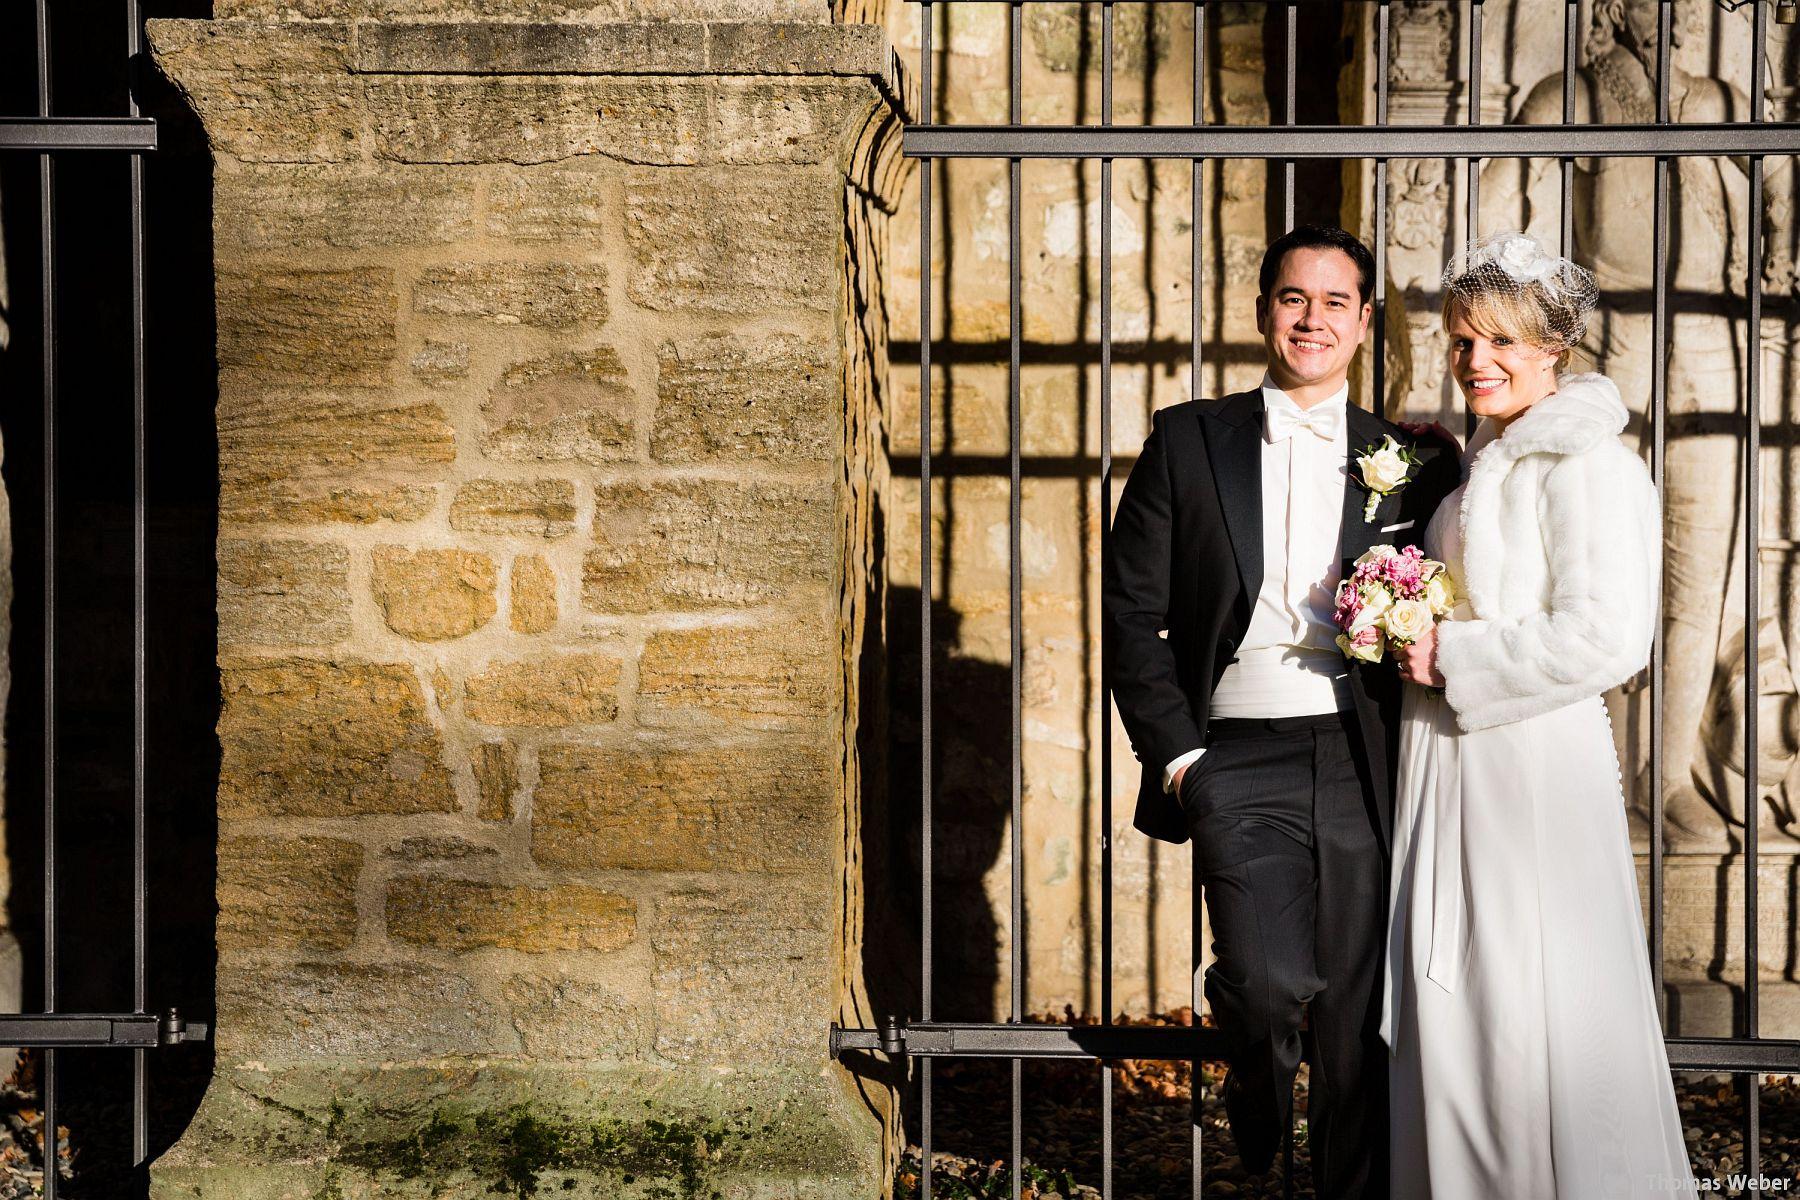 Hochzeitsfotograf Goslar: Standesamtliche Trauung in der Kaiserpfalz in Goslar (Harz) (34)